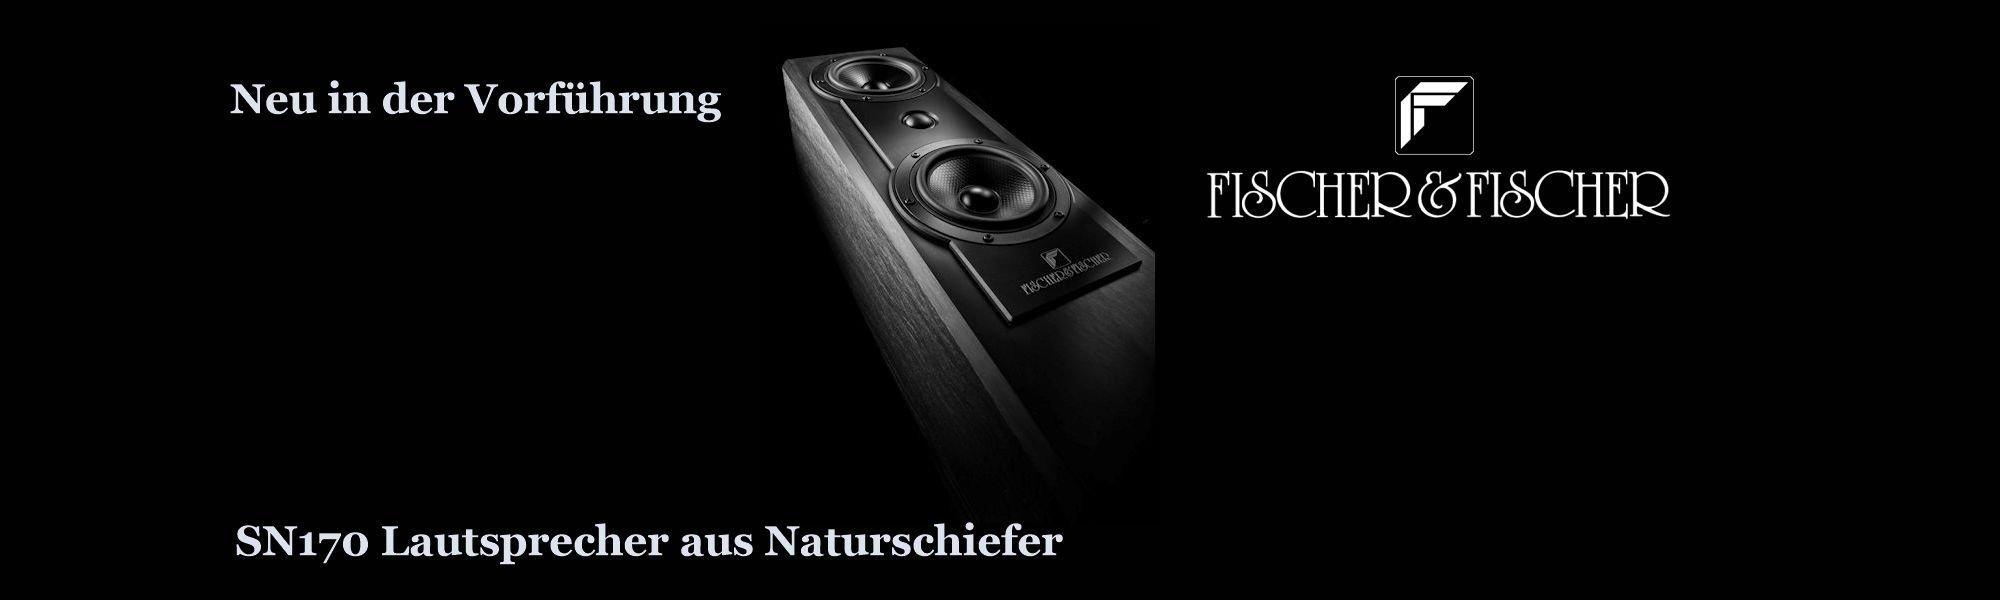 Fischer und Fischer SN170 Schieferlautsprecher